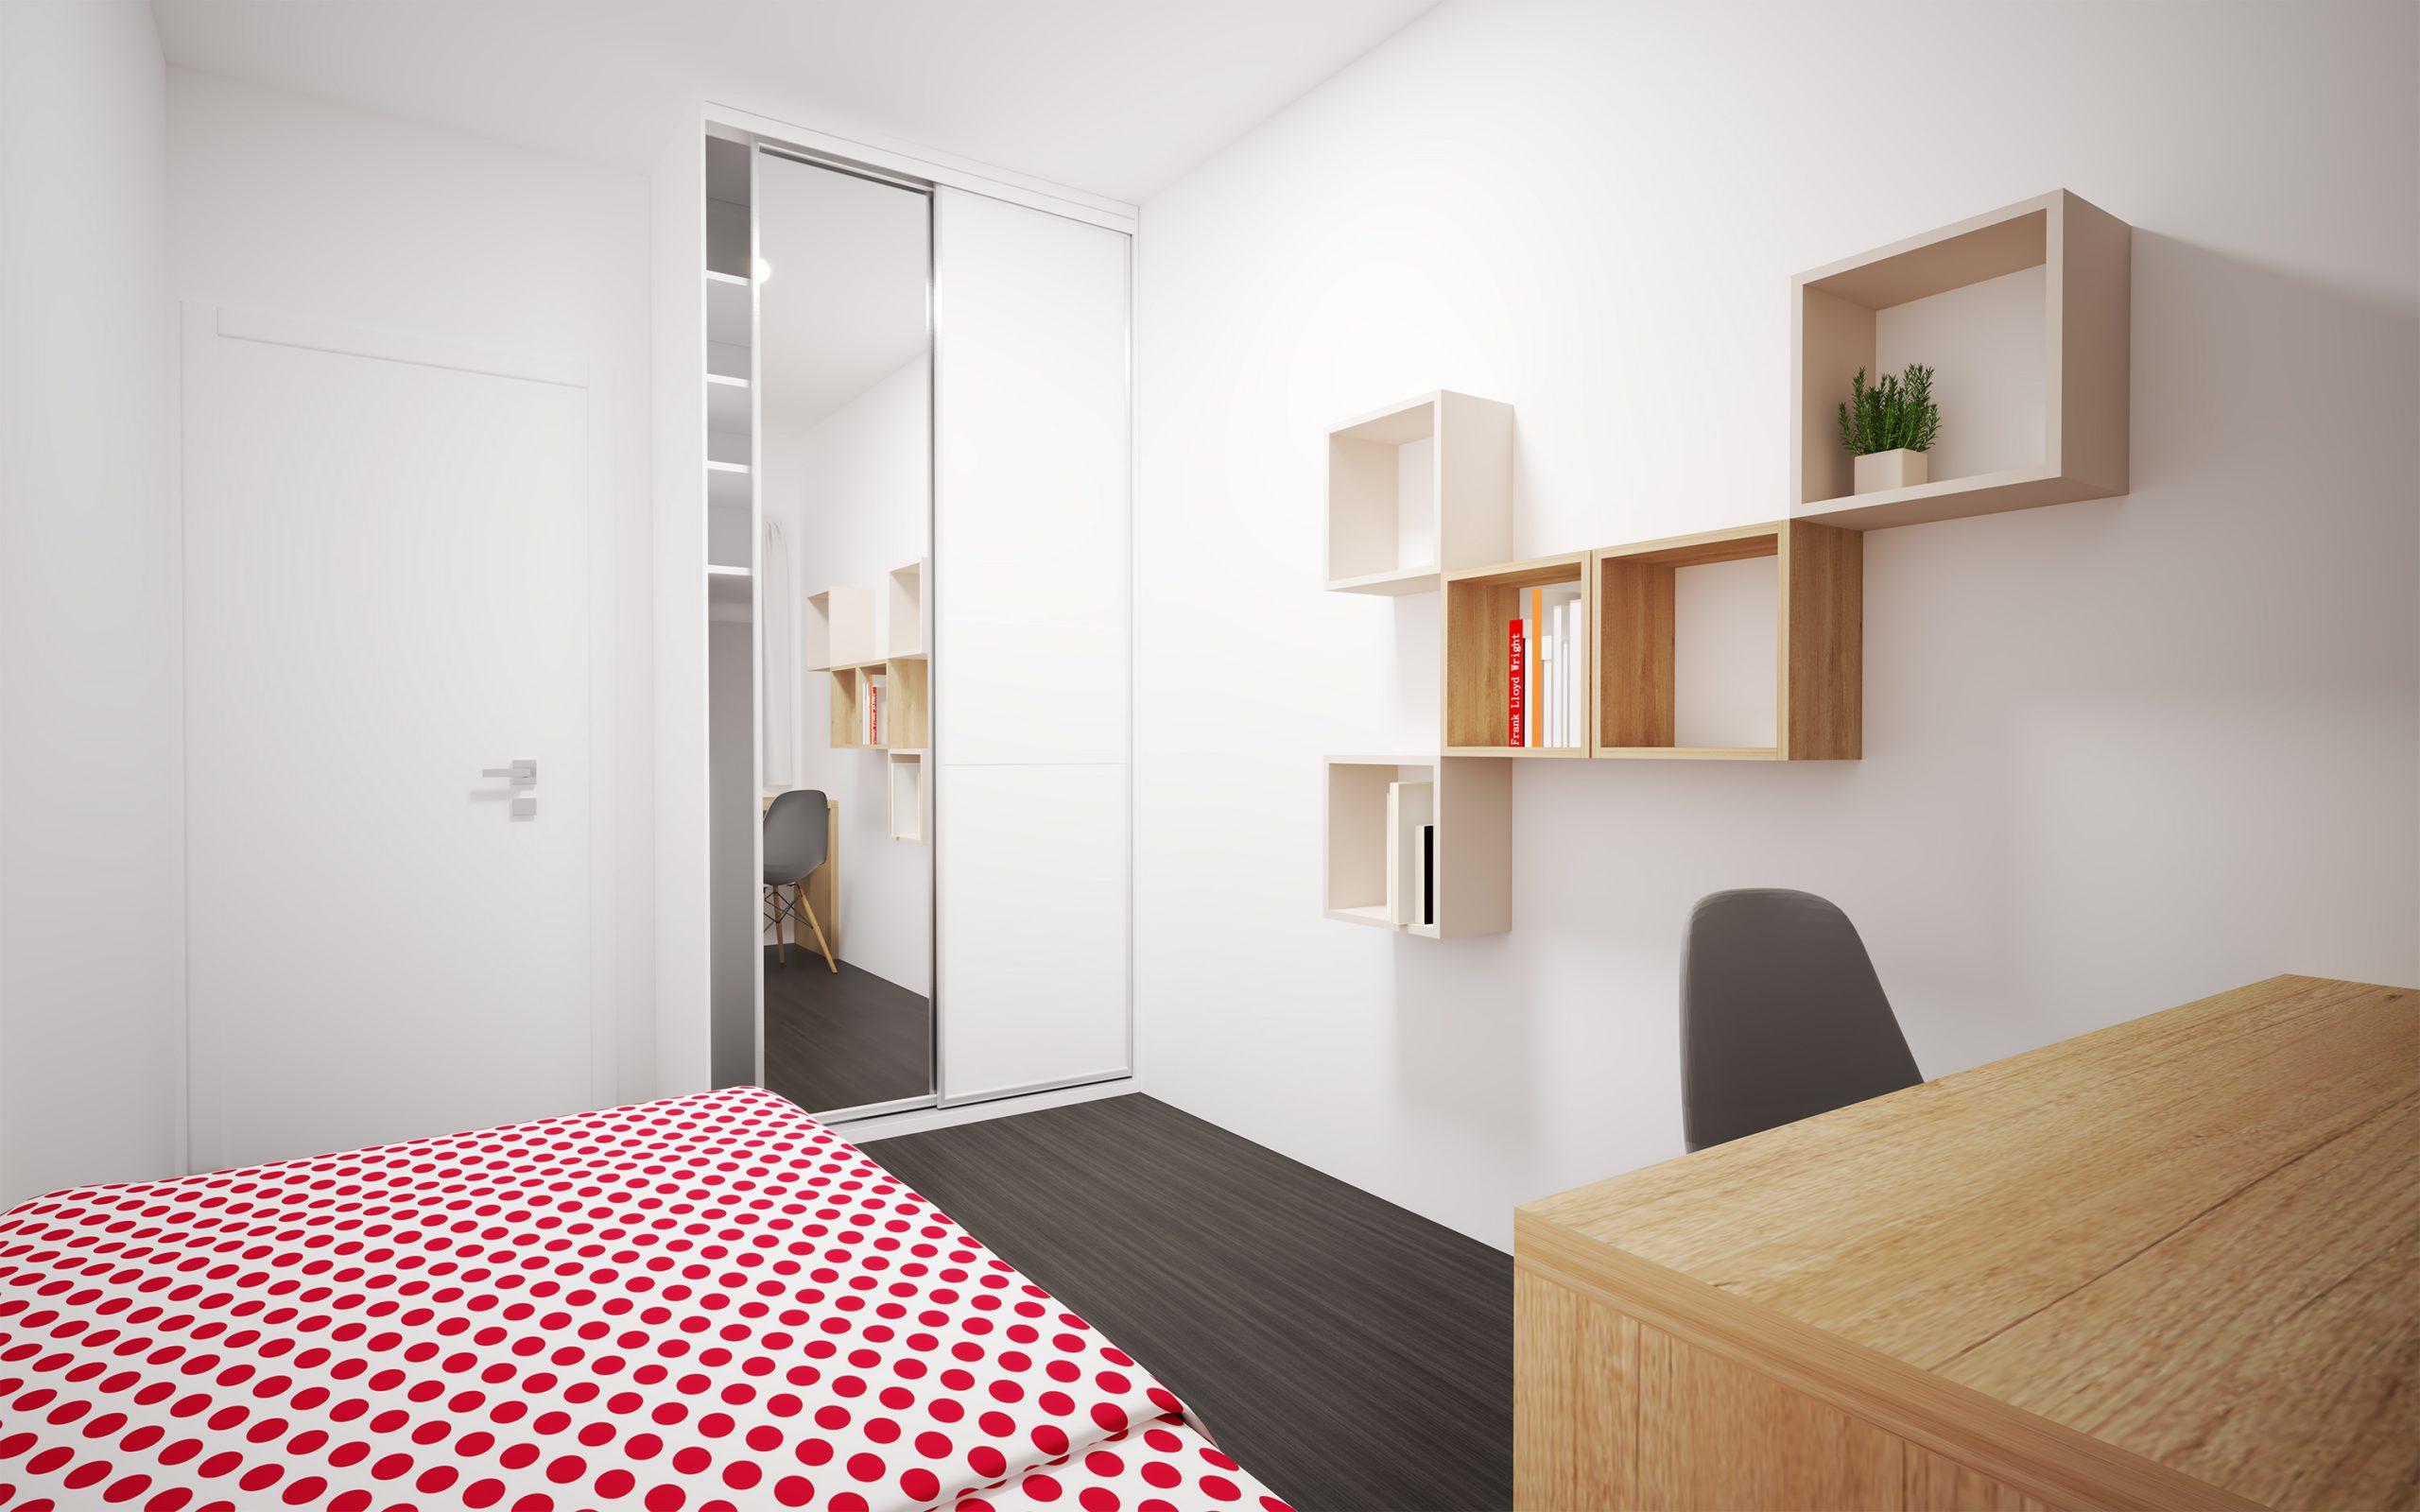 Návrh interiéru hosťovskej/detskej izby